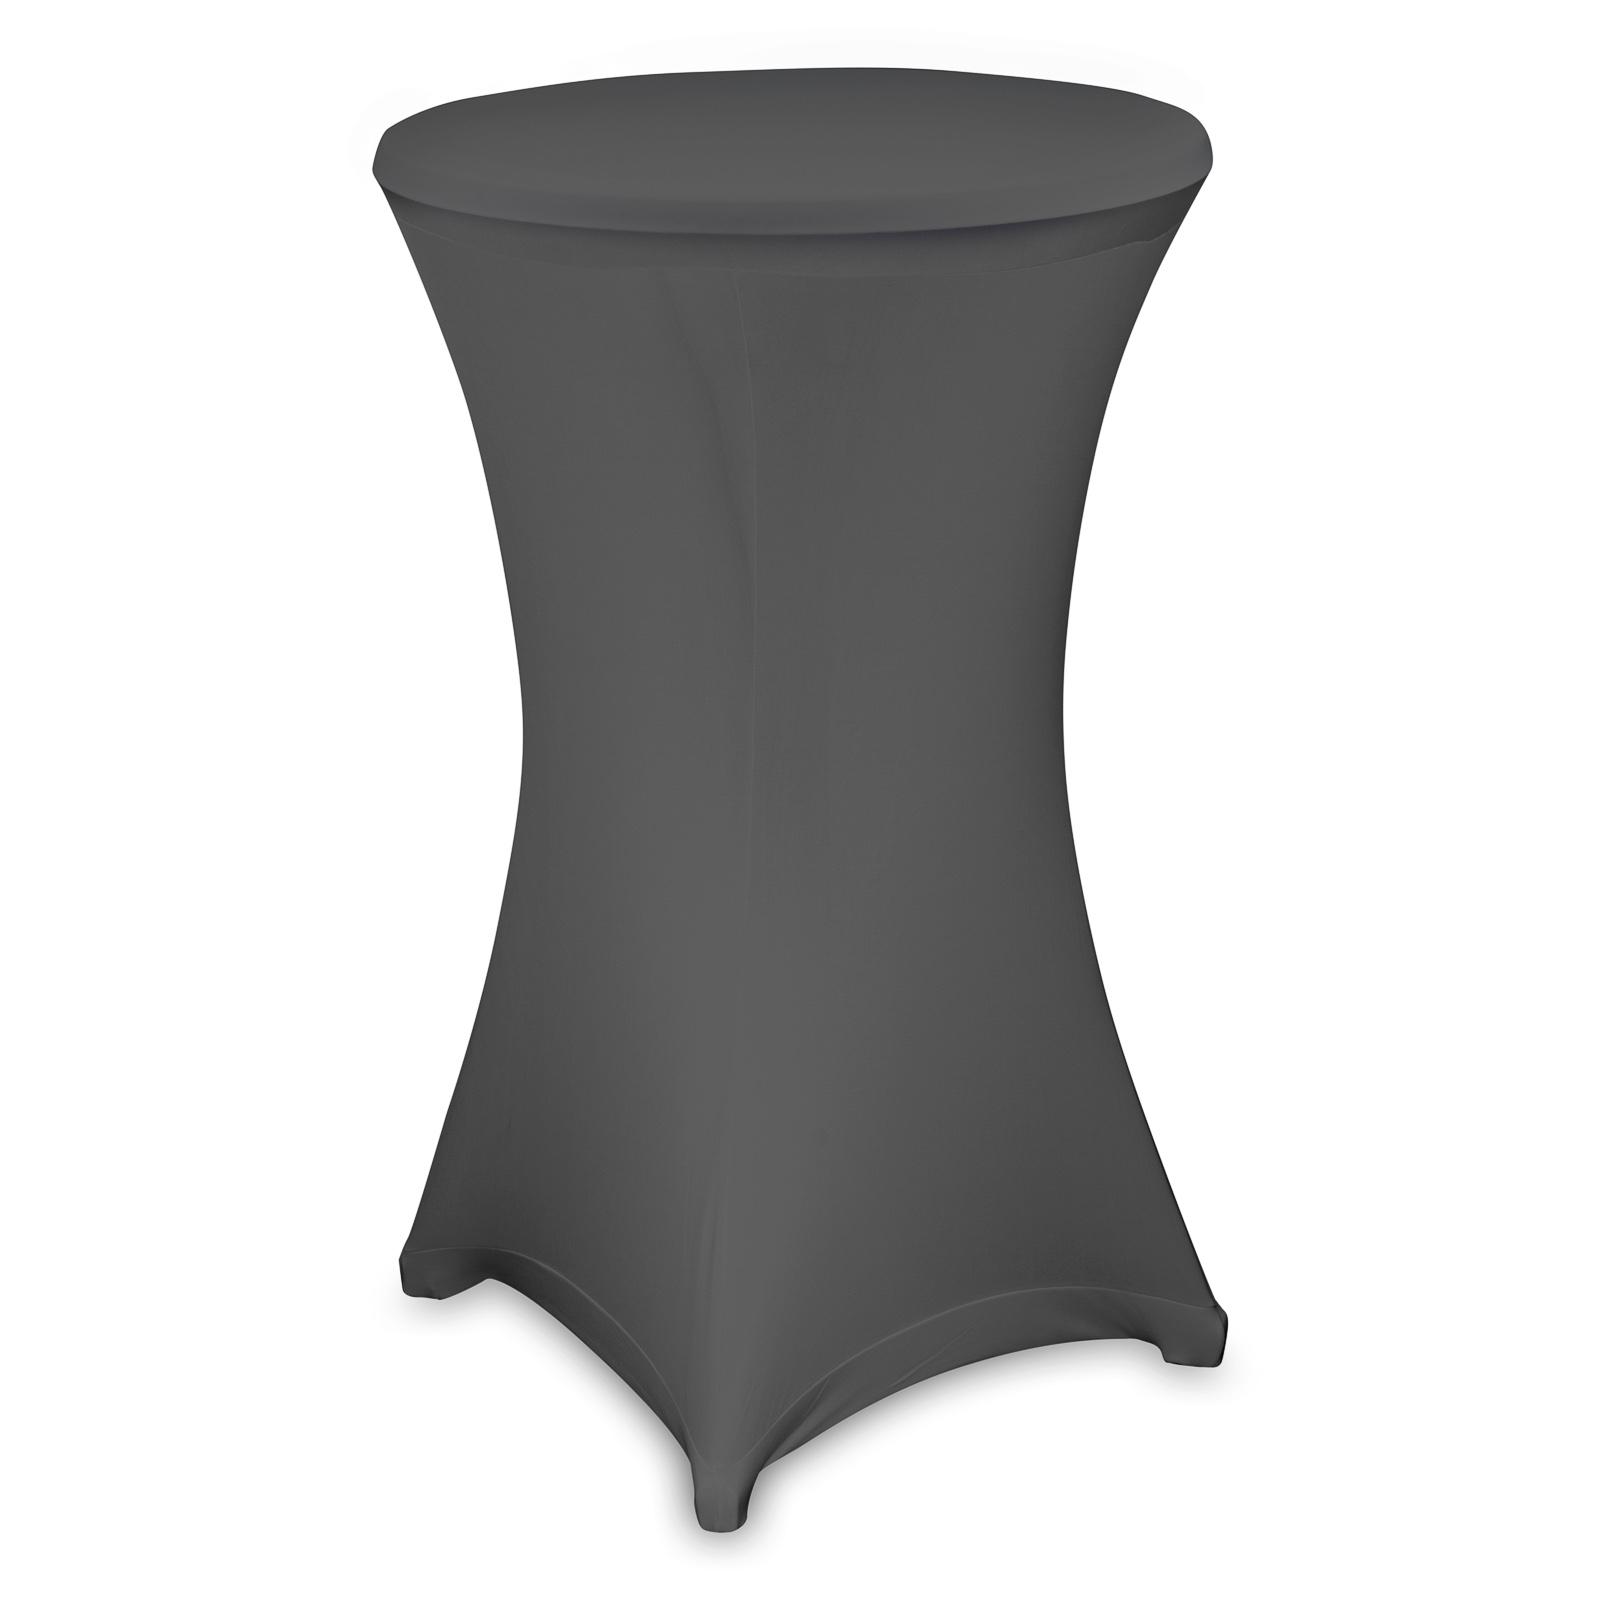 stehtischhussen stretch husse f r stehtisch bistrotisch drei tischgr en ebay. Black Bedroom Furniture Sets. Home Design Ideas